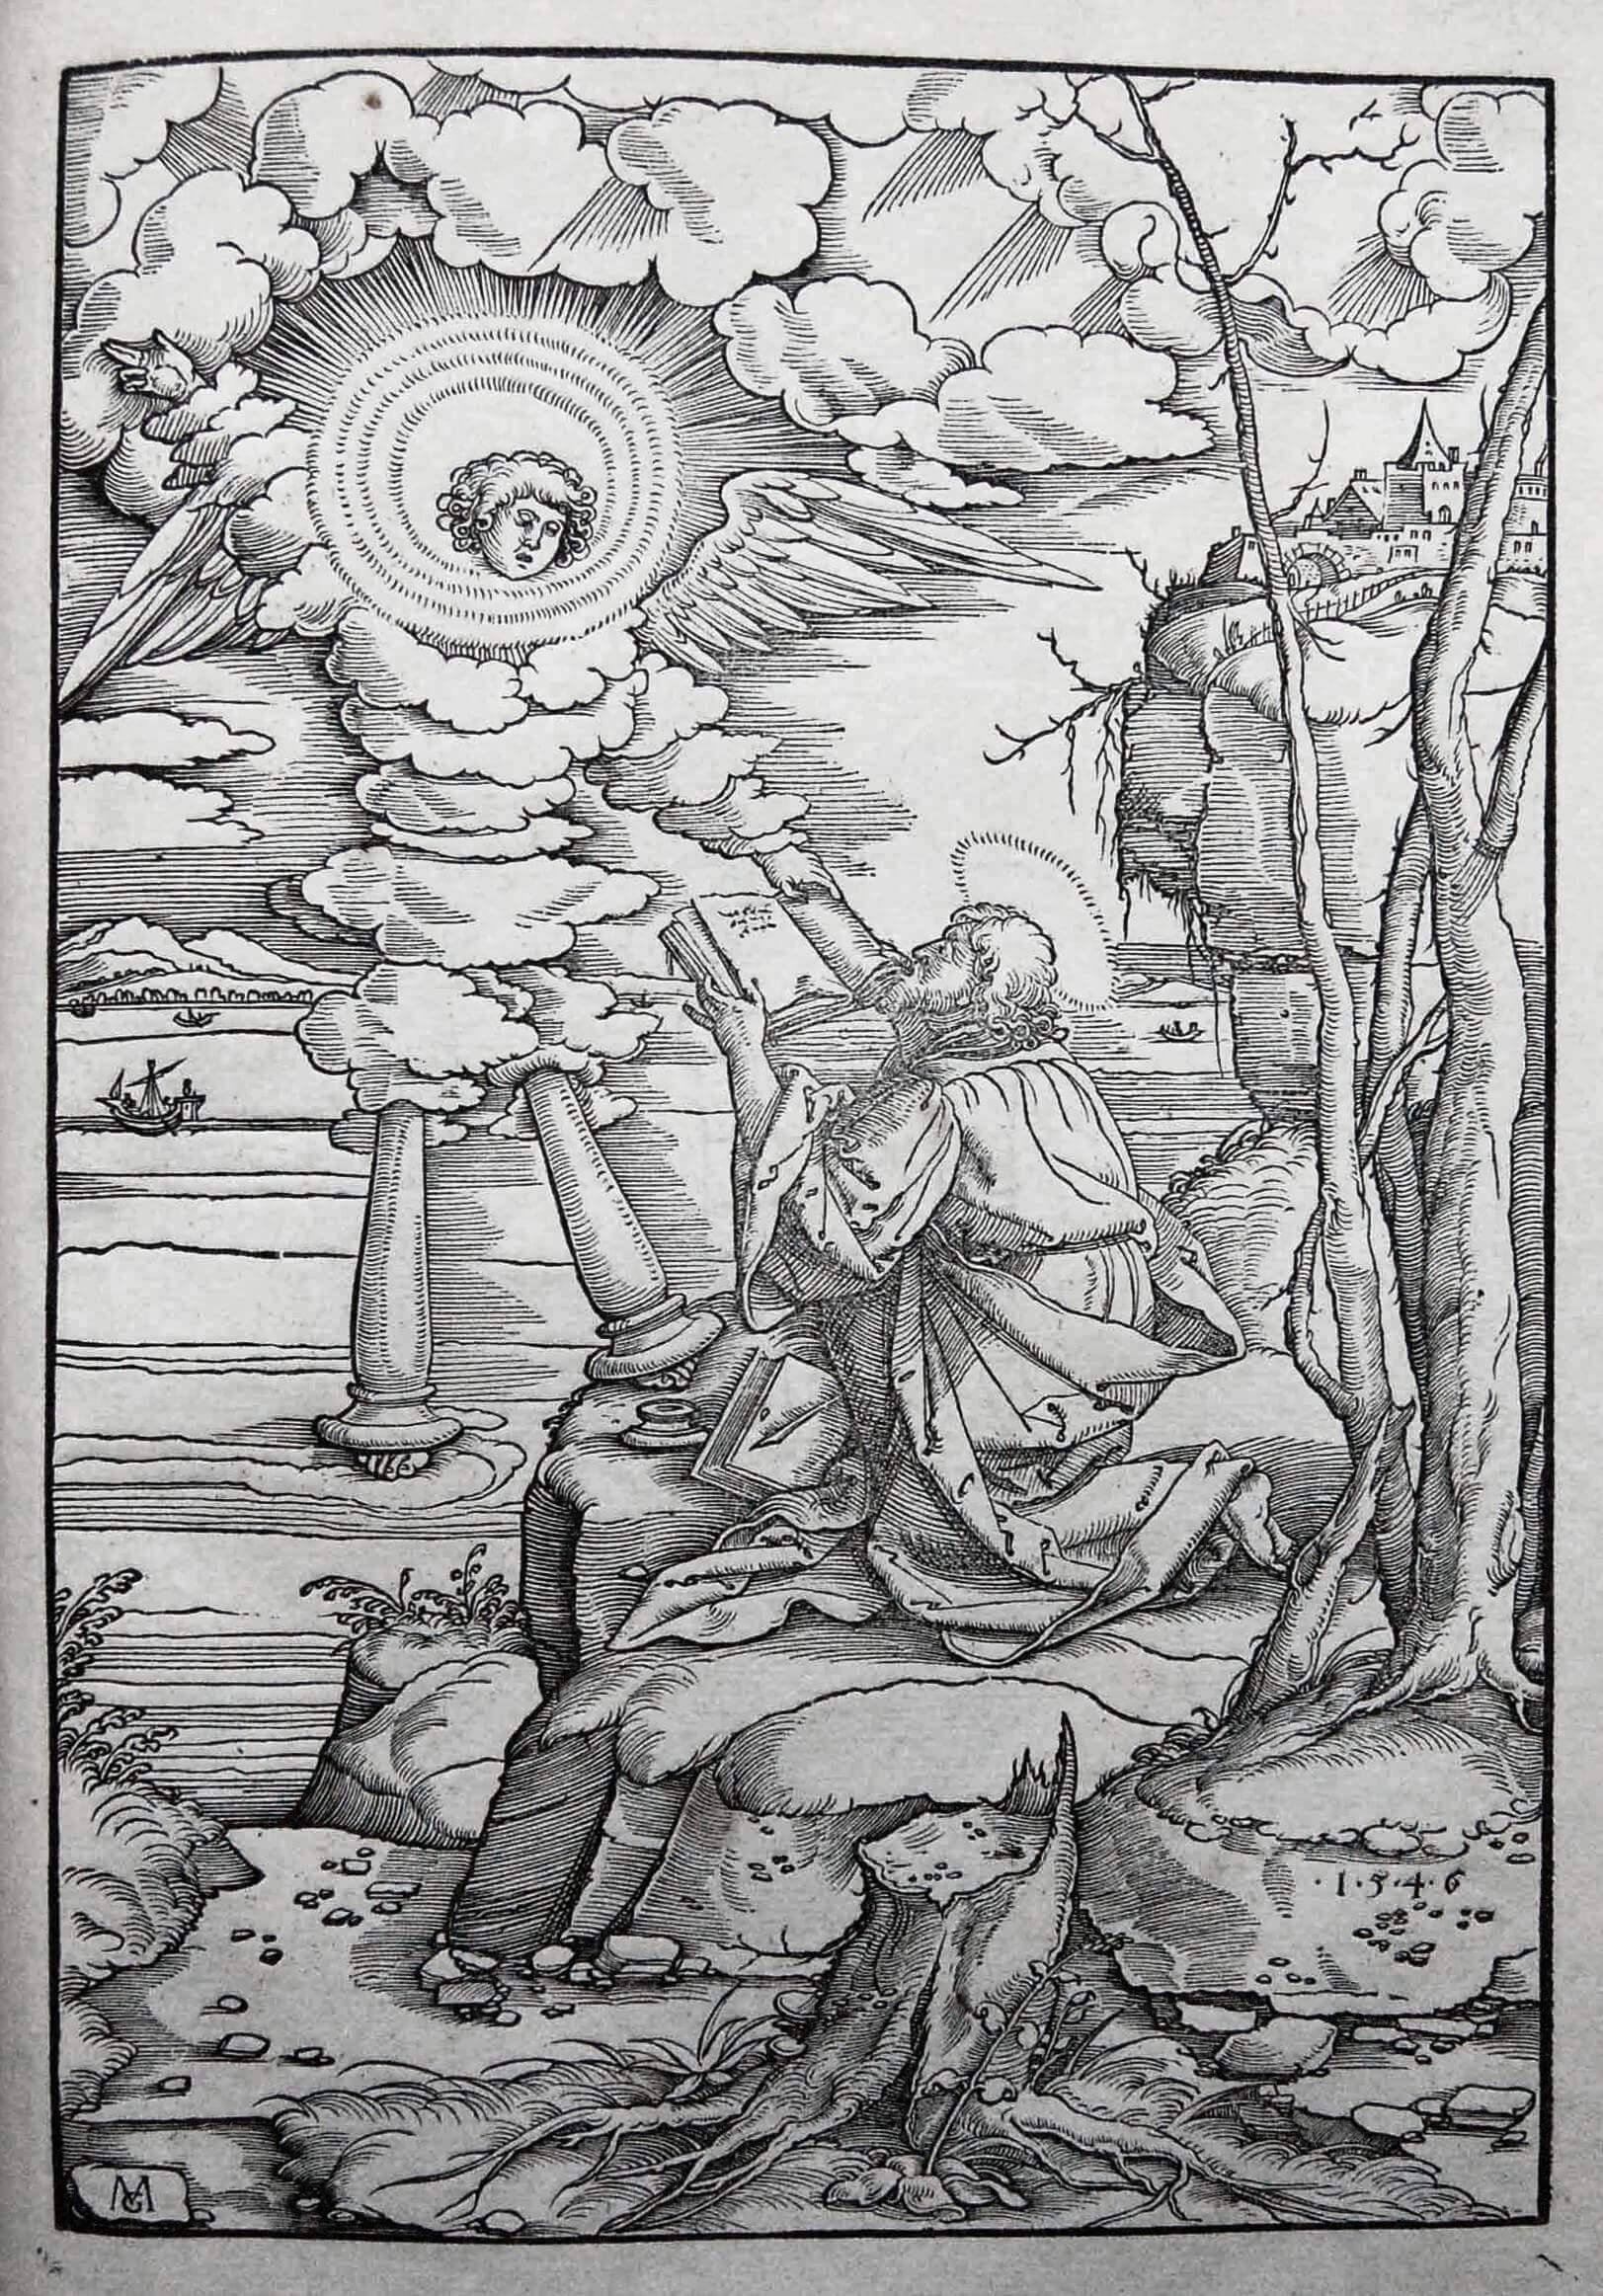 Маттиас Герунг. Святой Иоанн поглощает книгу, ок. 1544.